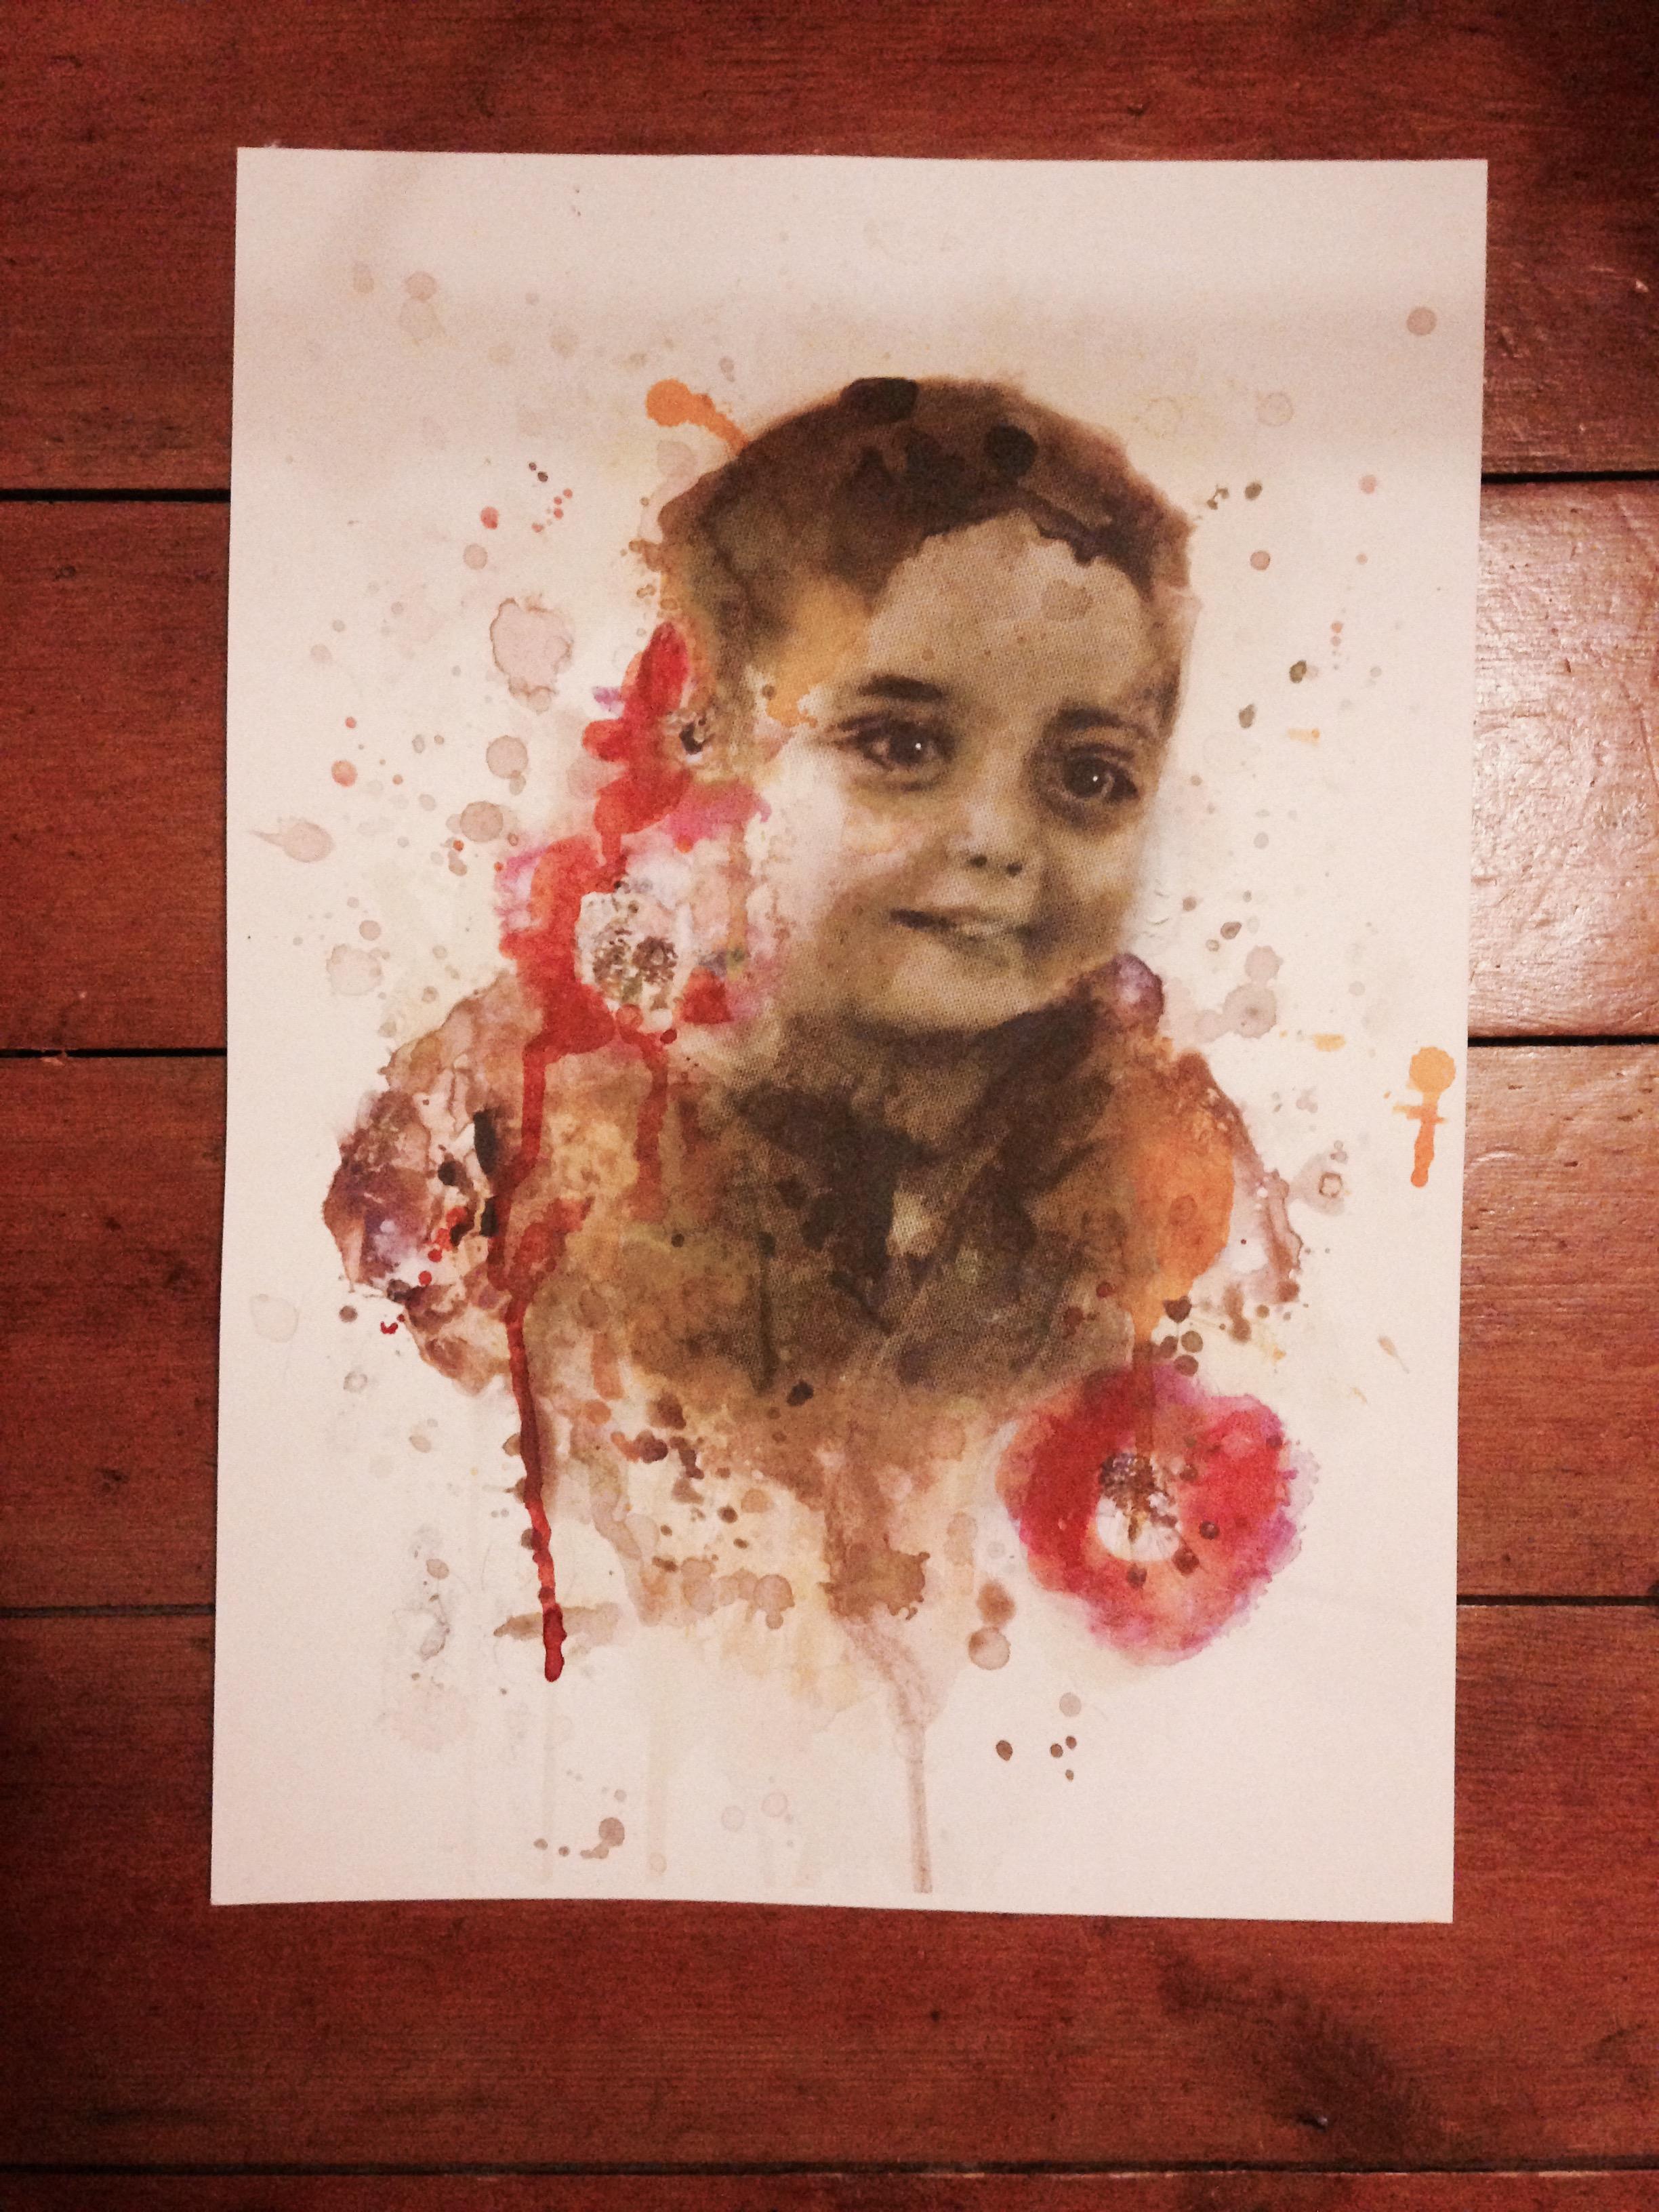 Sahir Abu Namous' Portrait